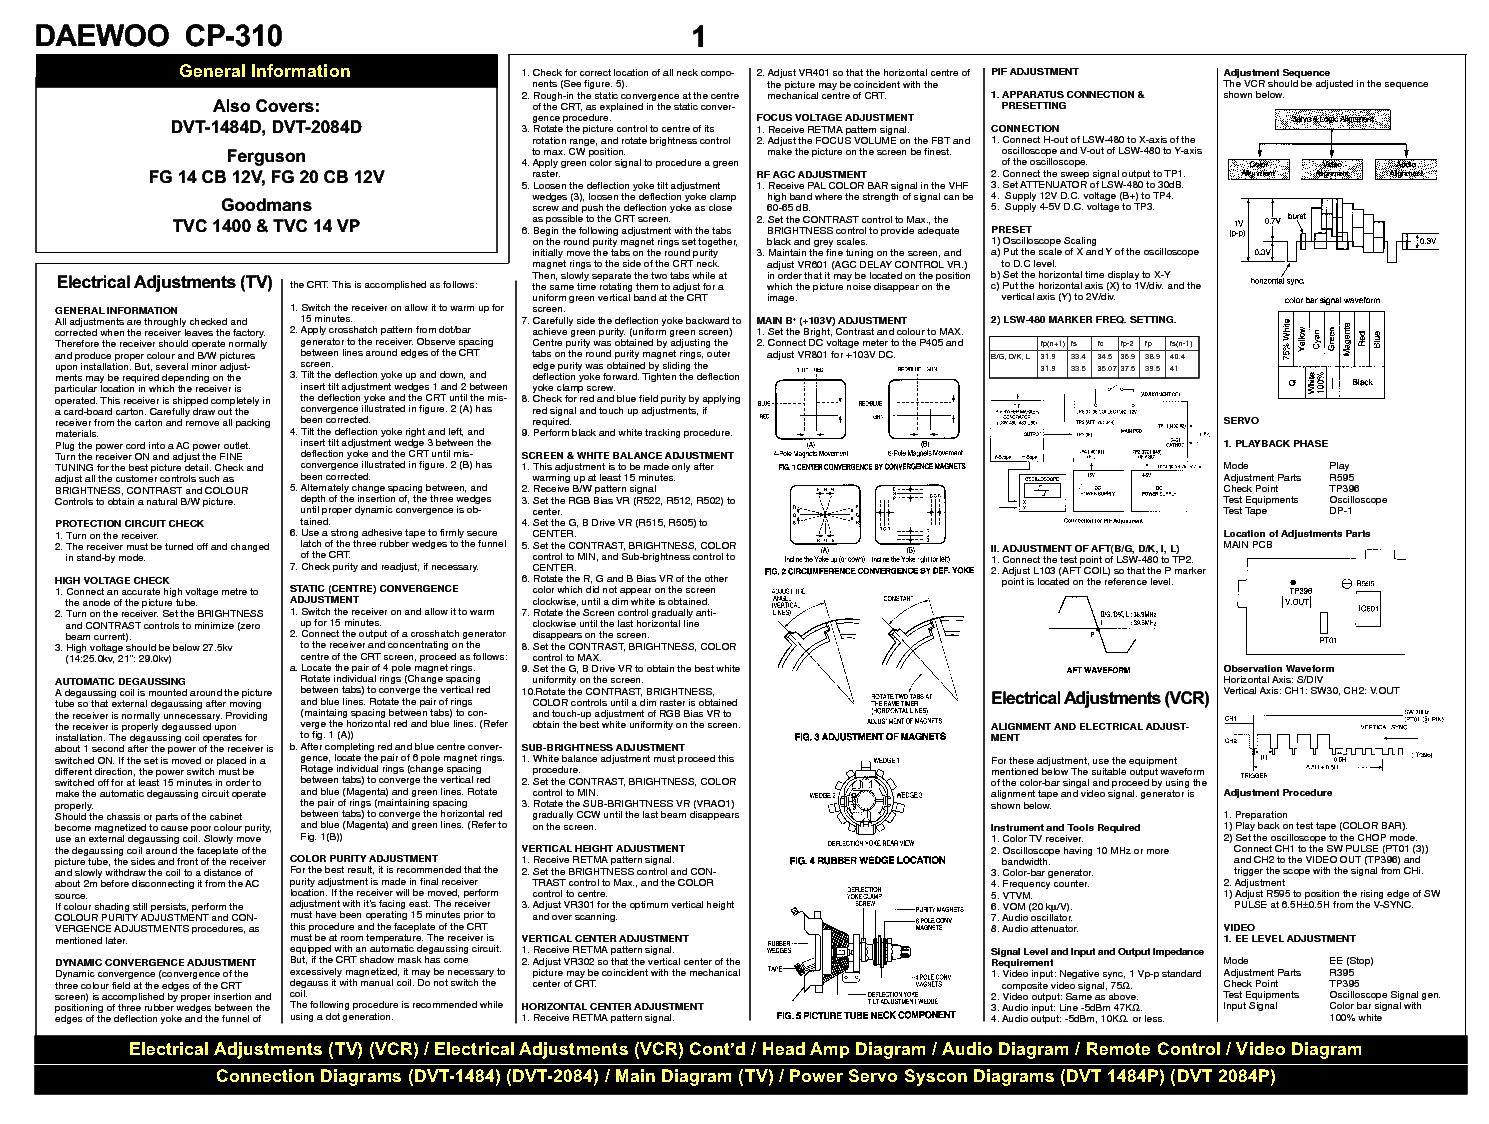 Инструкция на хлебопечку daewoo